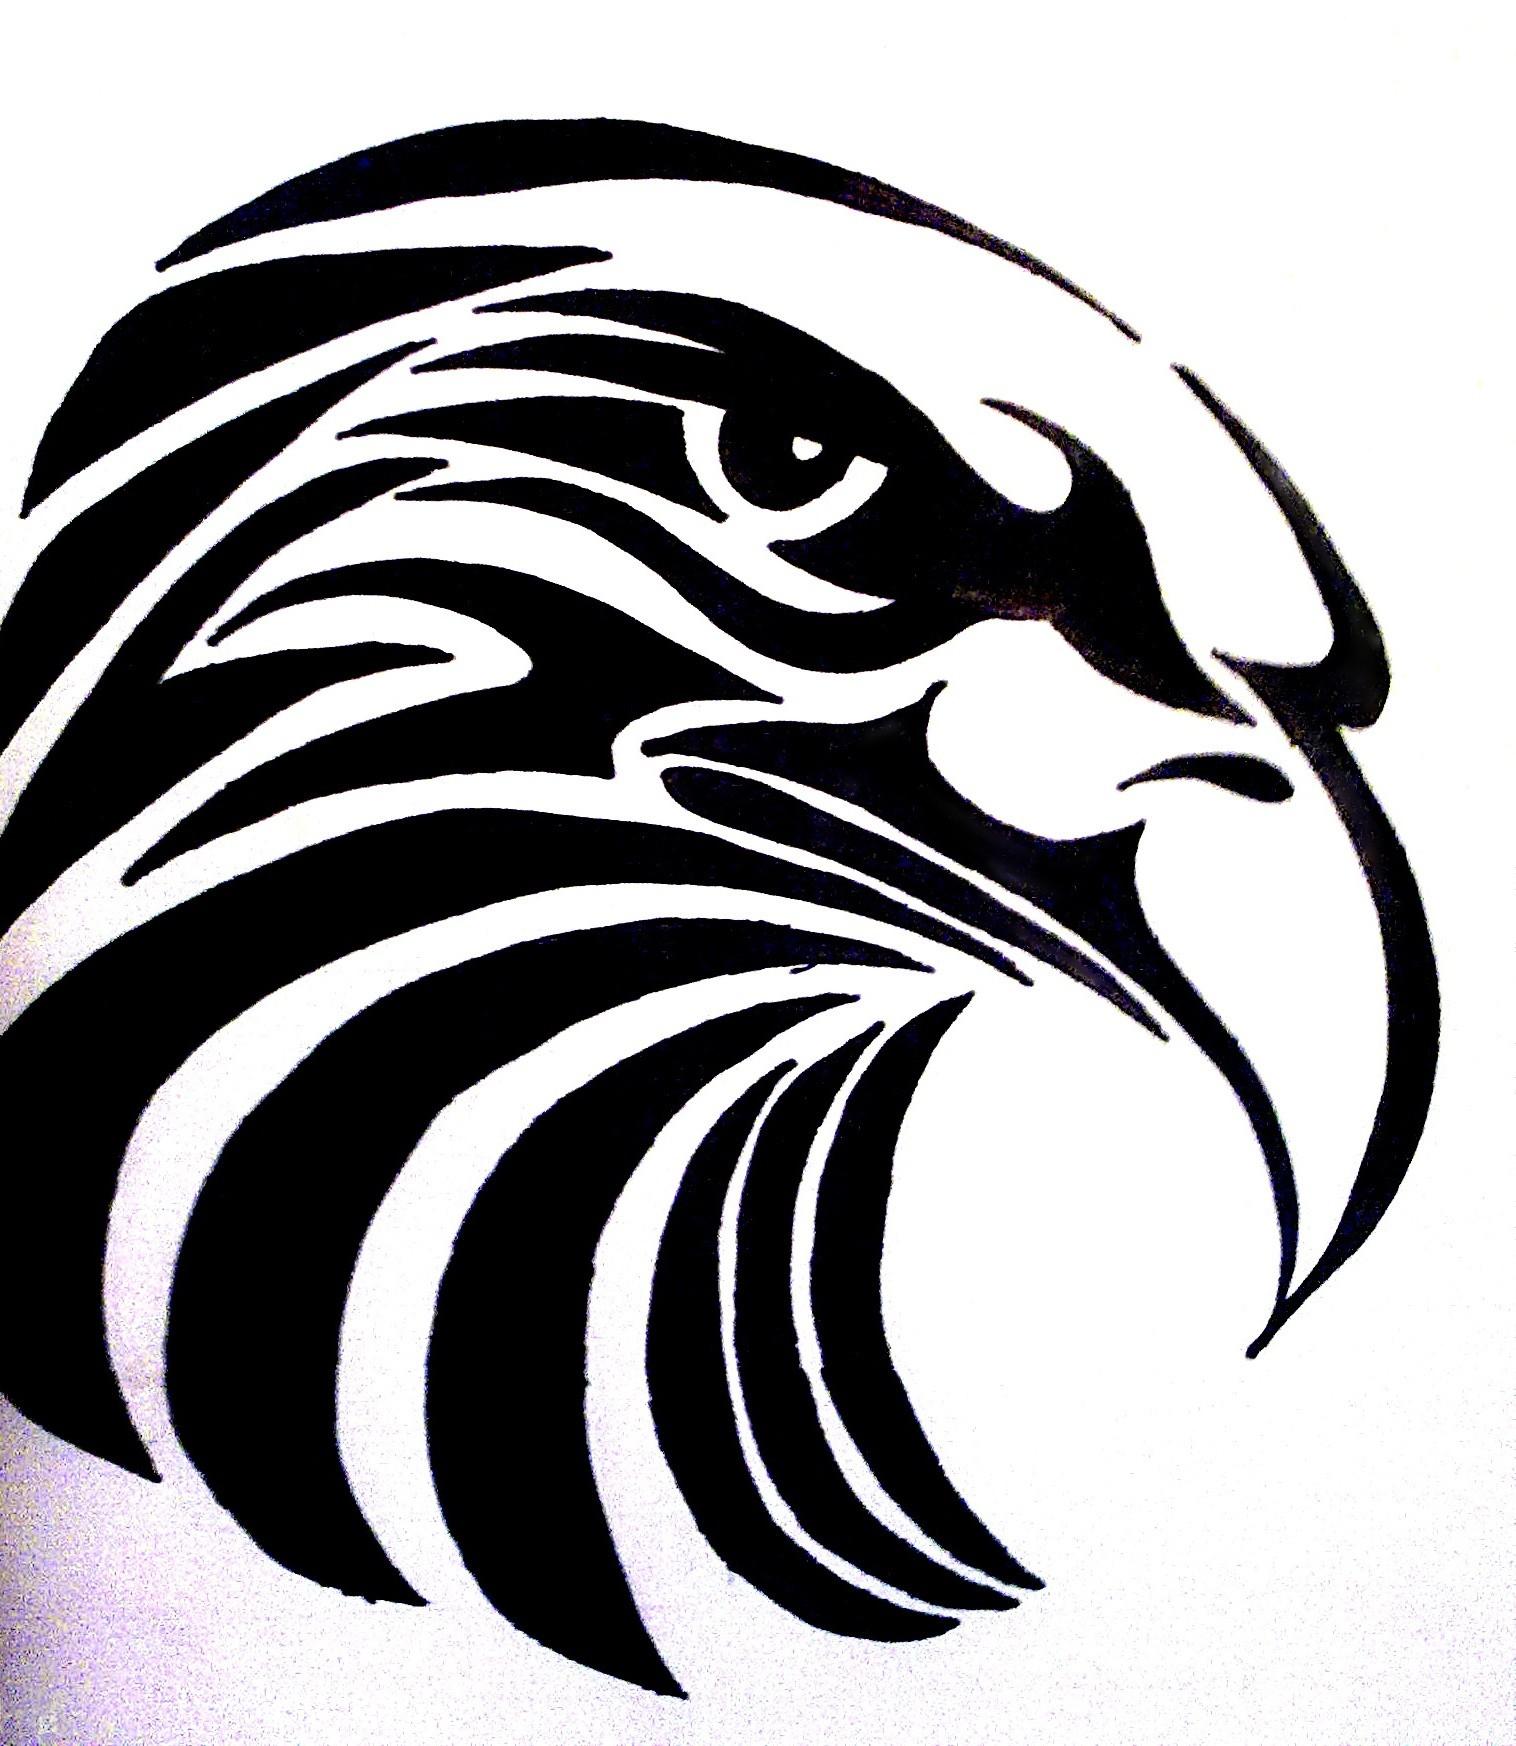 tribal eagle tattoo eagle tribal by interfaces design designs 2011 tattoo tattoo bogi90